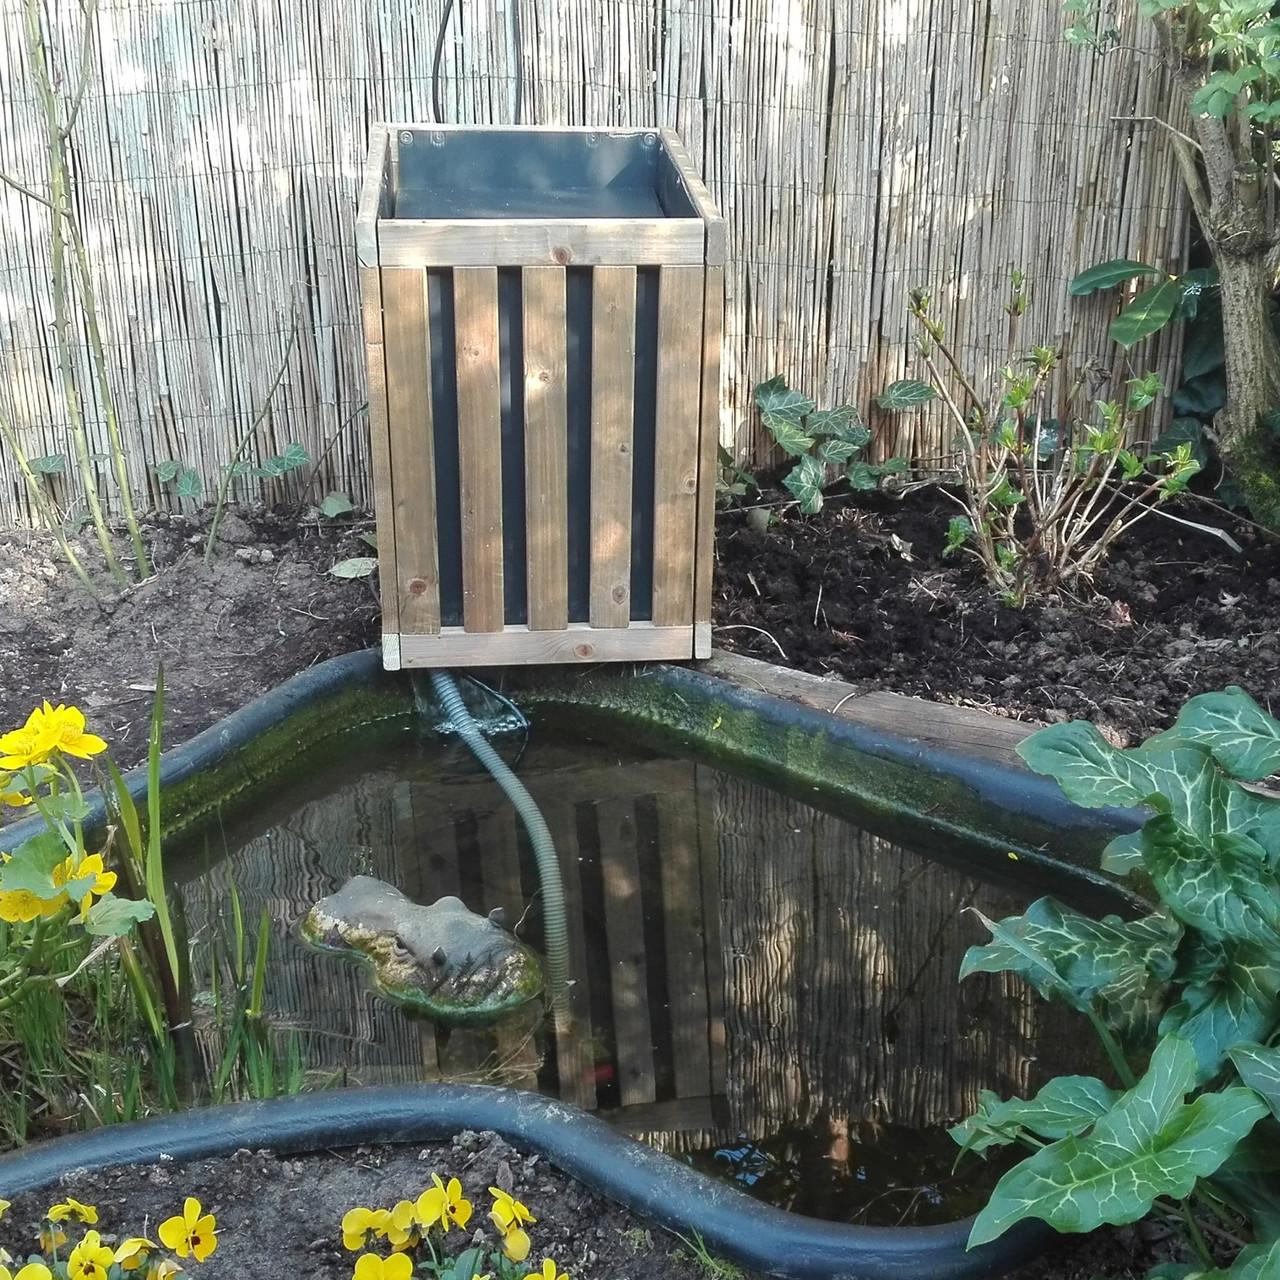 Der HoPstiBo PflanzKasten als Abdeckung für Gartenteich Filter